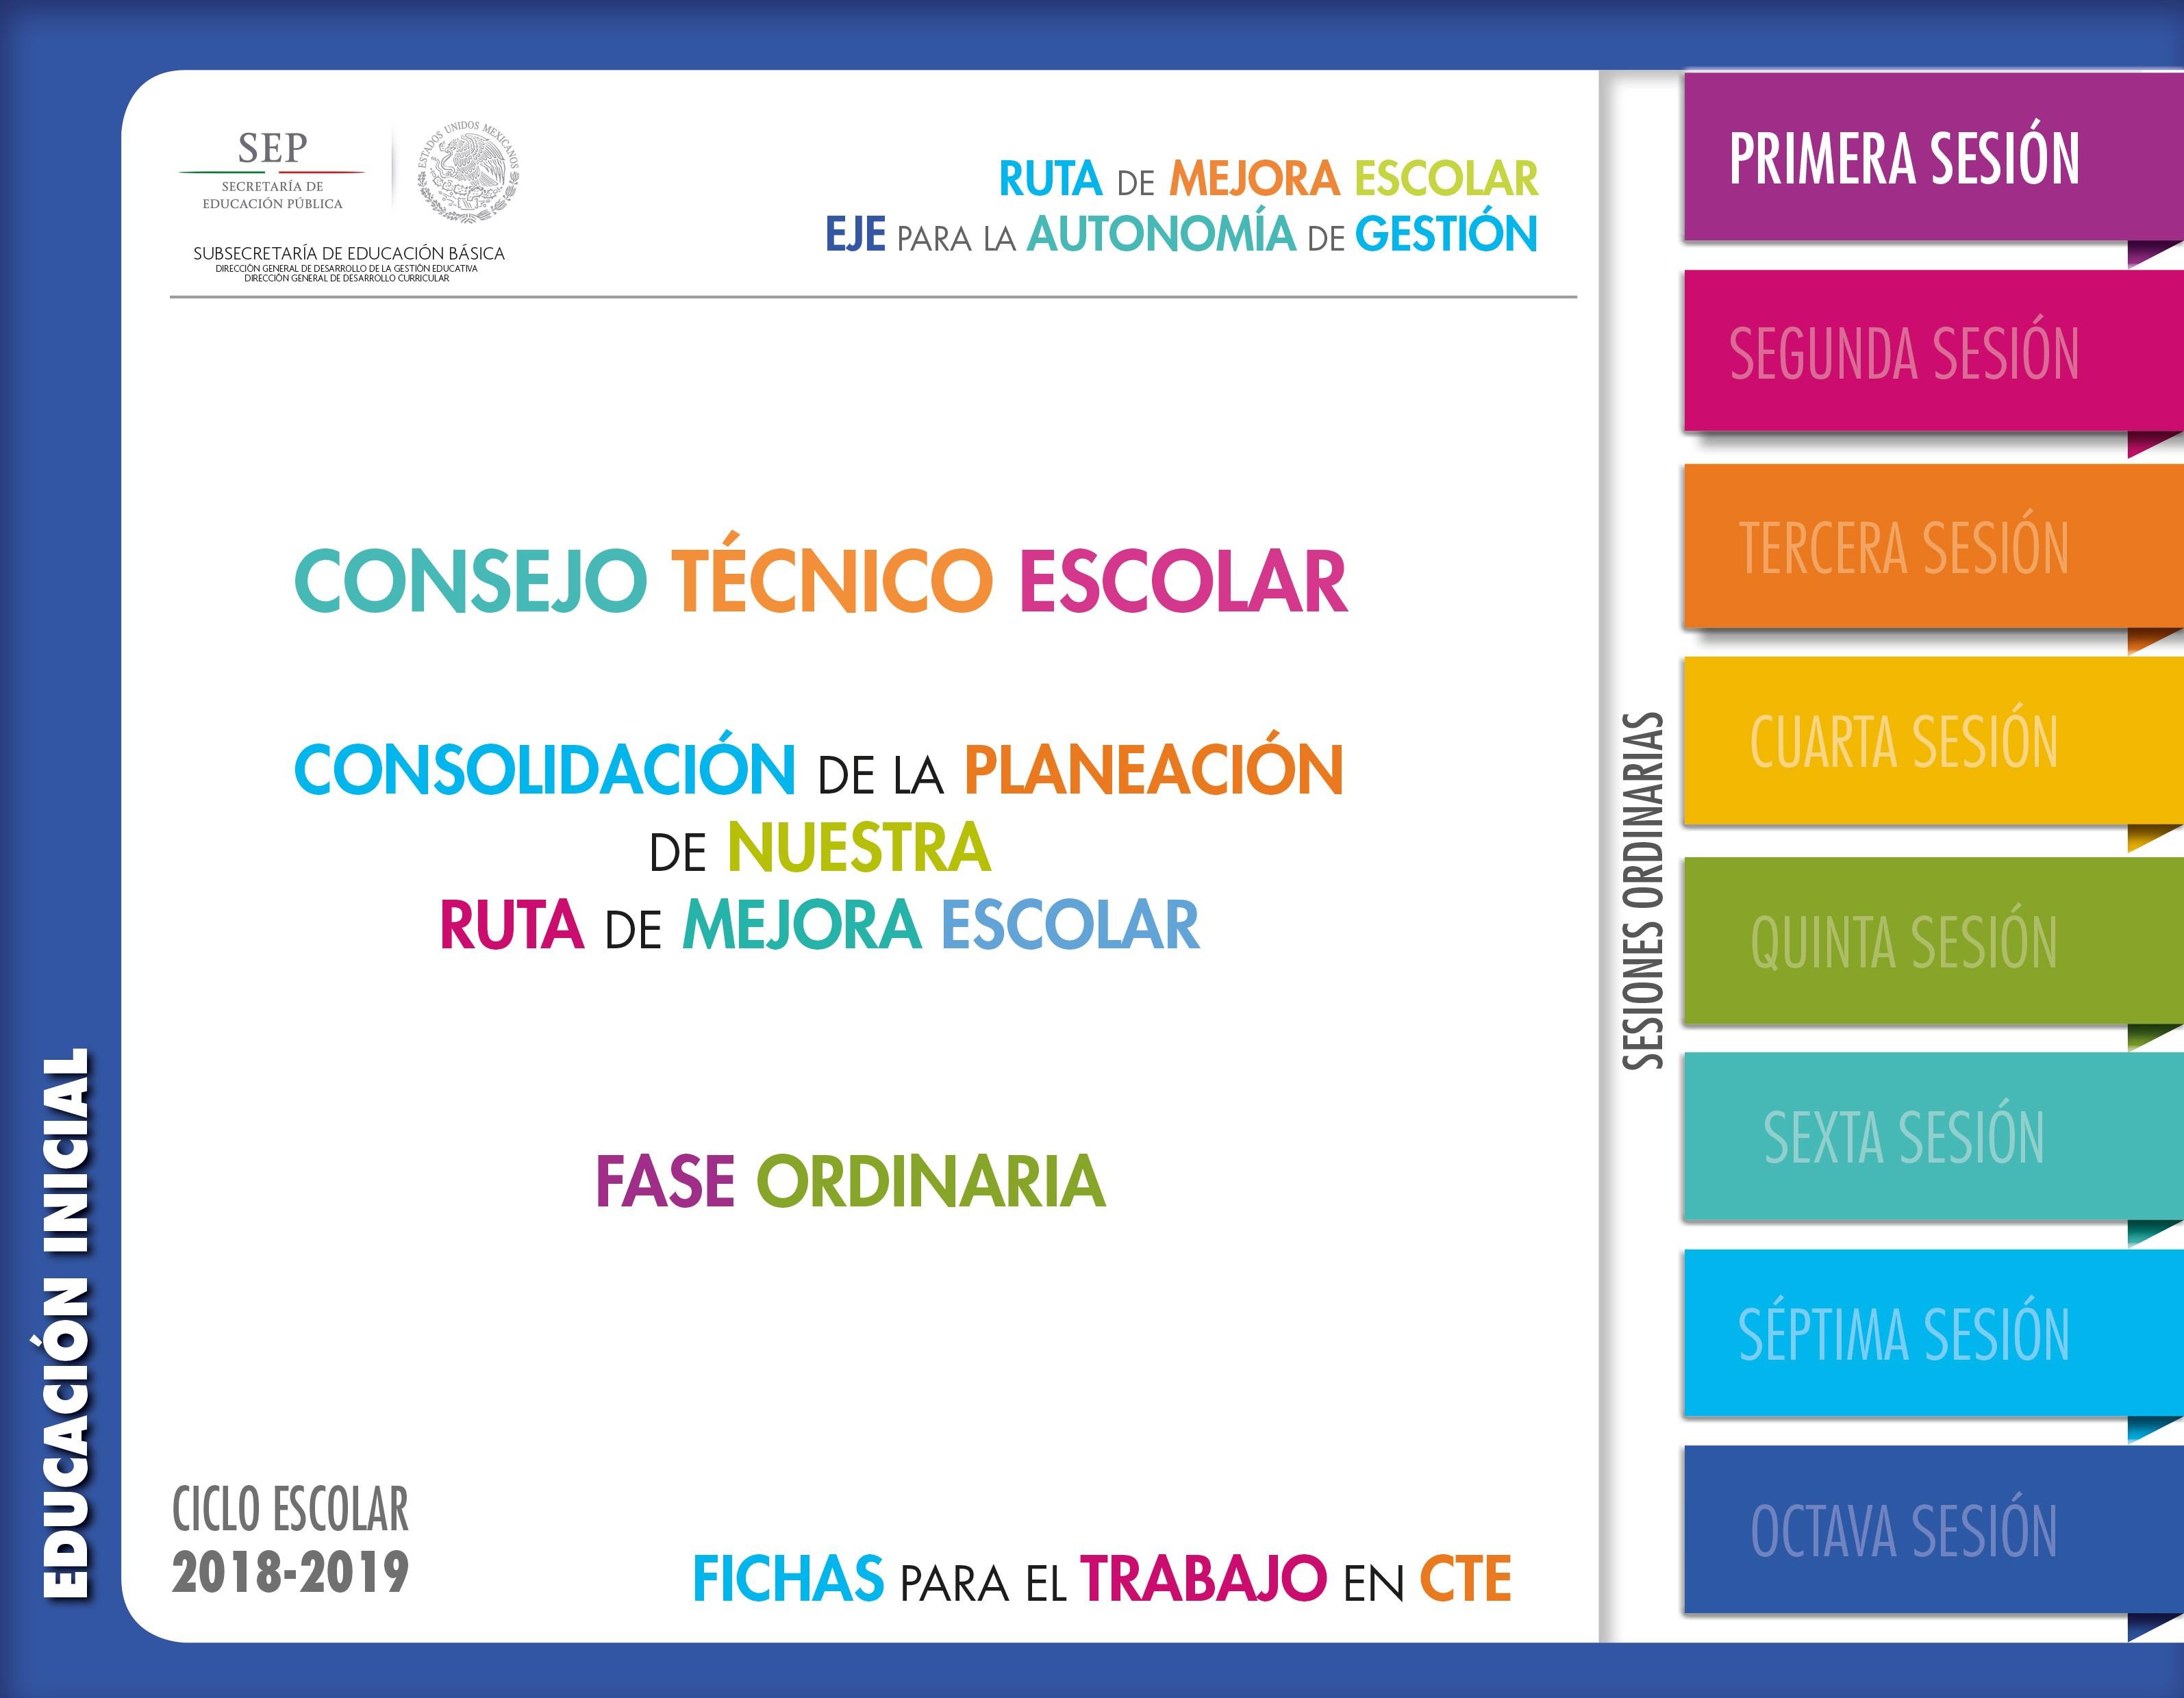 Calendario Escolar 2018 A 2019 Nuevo Leon Más Recientemente Liberado Zona 31 Telesecundarias Of Calendario Escolar 2018 A 2019 Nuevo Leon Más Arriba-a-fecha Publica Sep Calendario Escolar Para 2018 2019